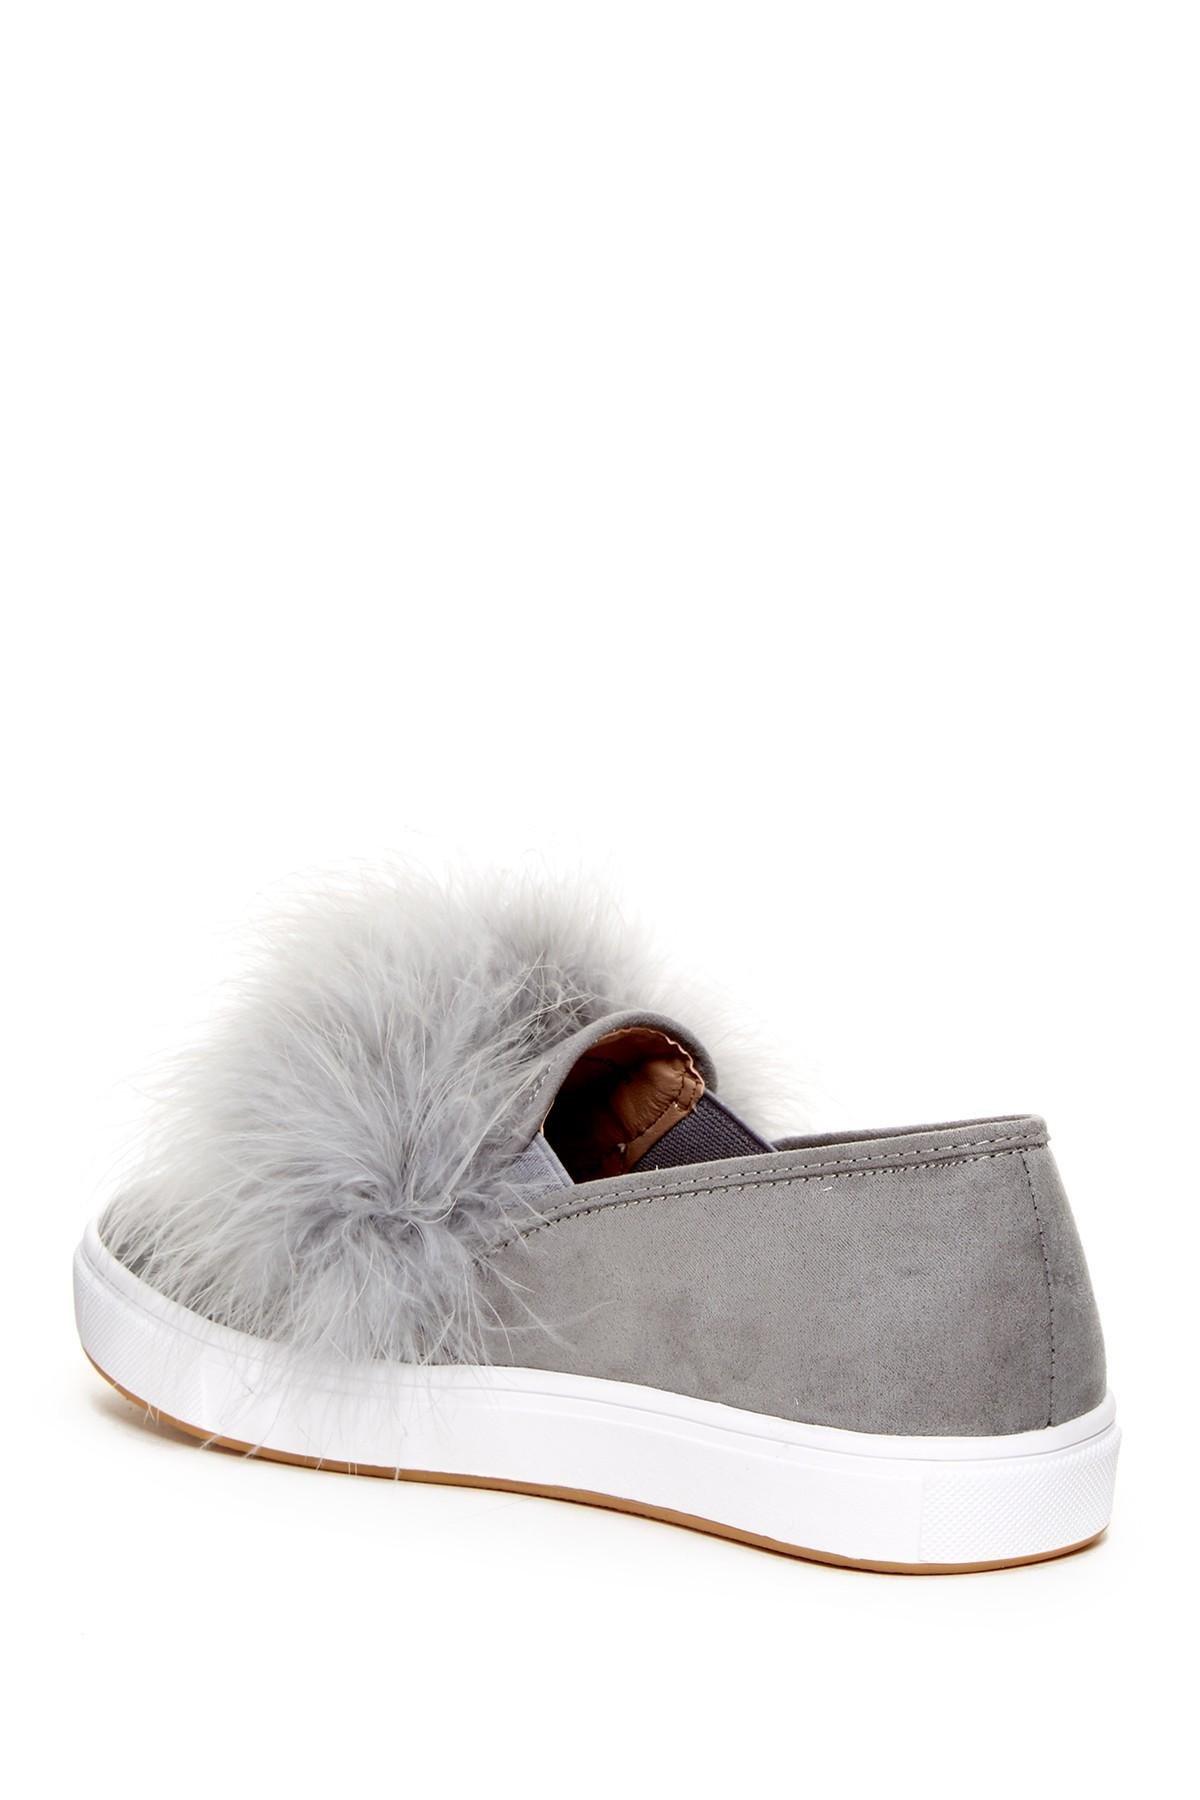 4172383bbc3 Steve Madden Gray Emily Faux Fur Slip-on Sneaker